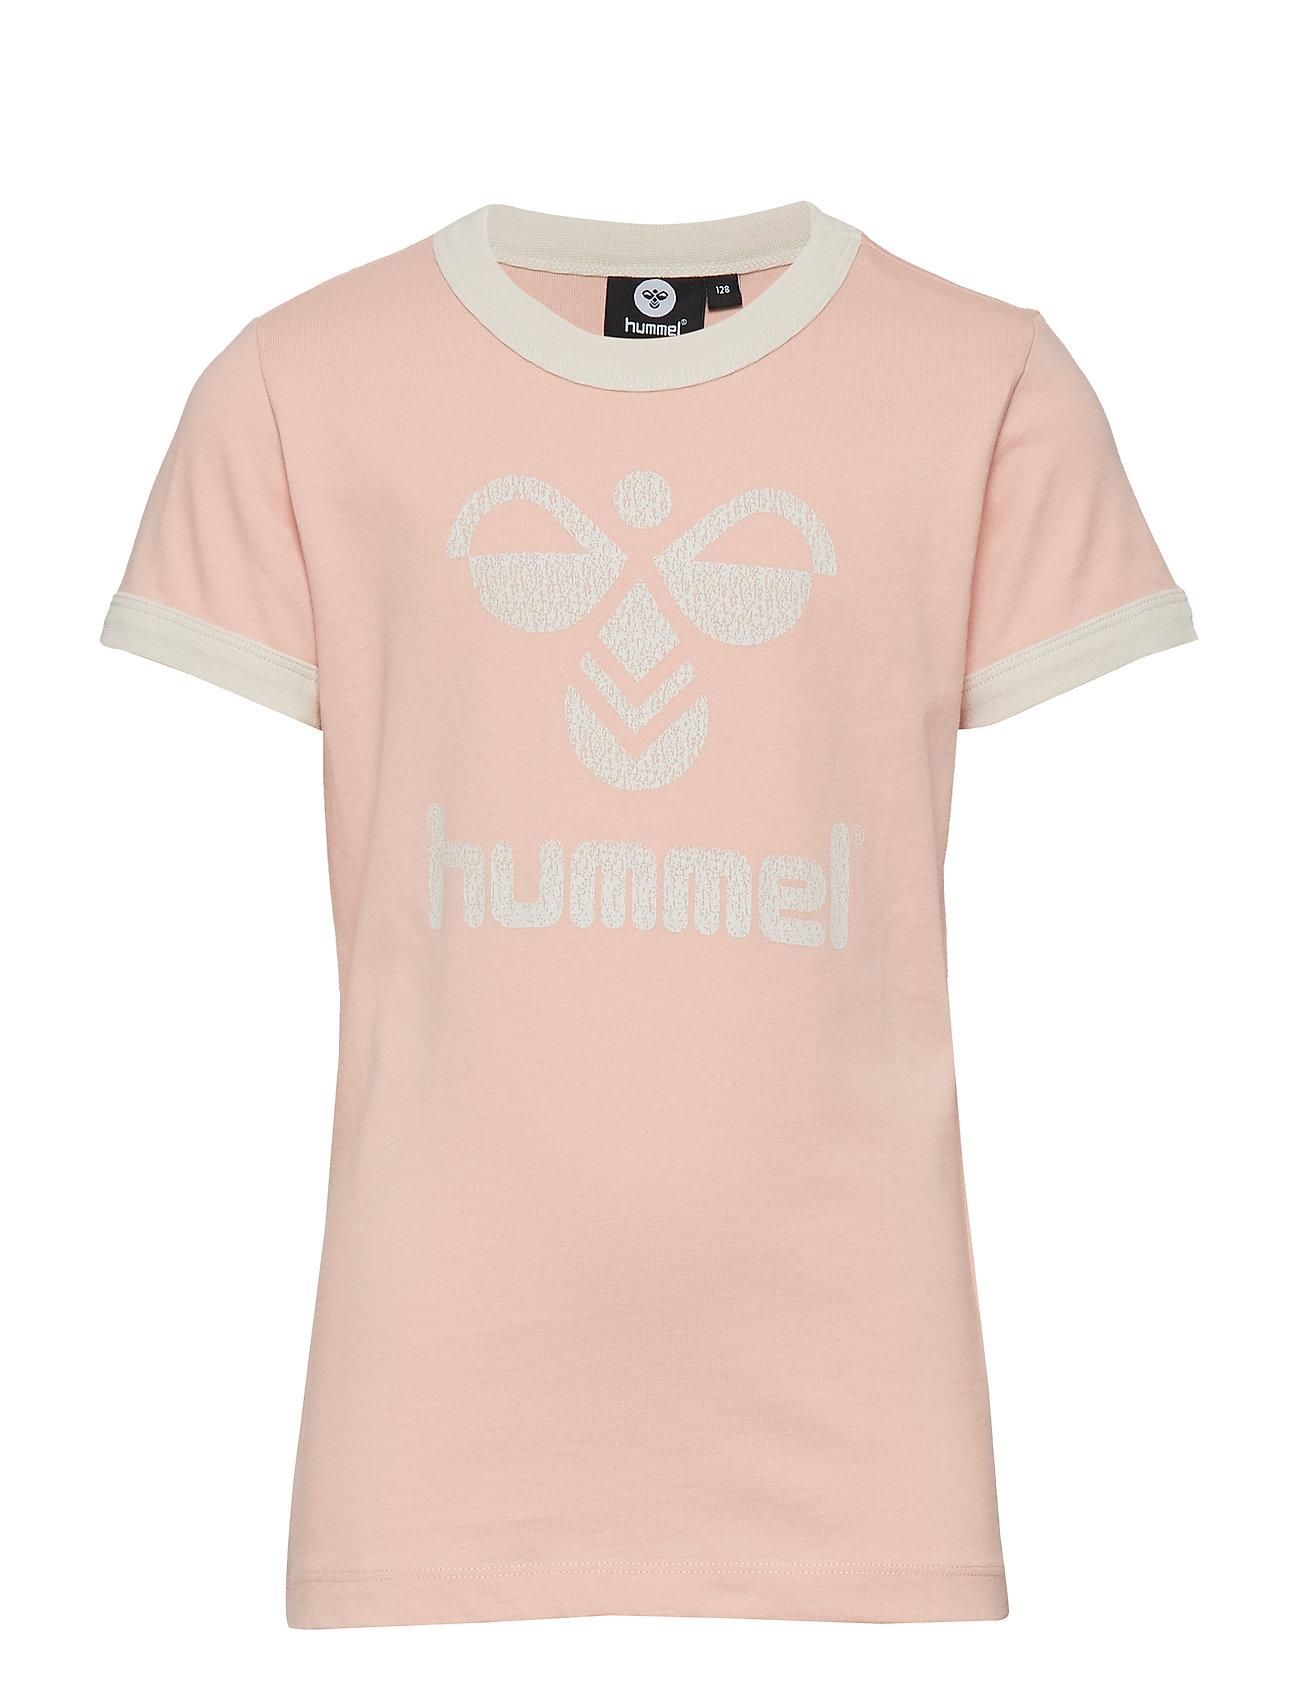 Hummel HMLKAMMA T-SHIRT S/S - ROSE CLOUD